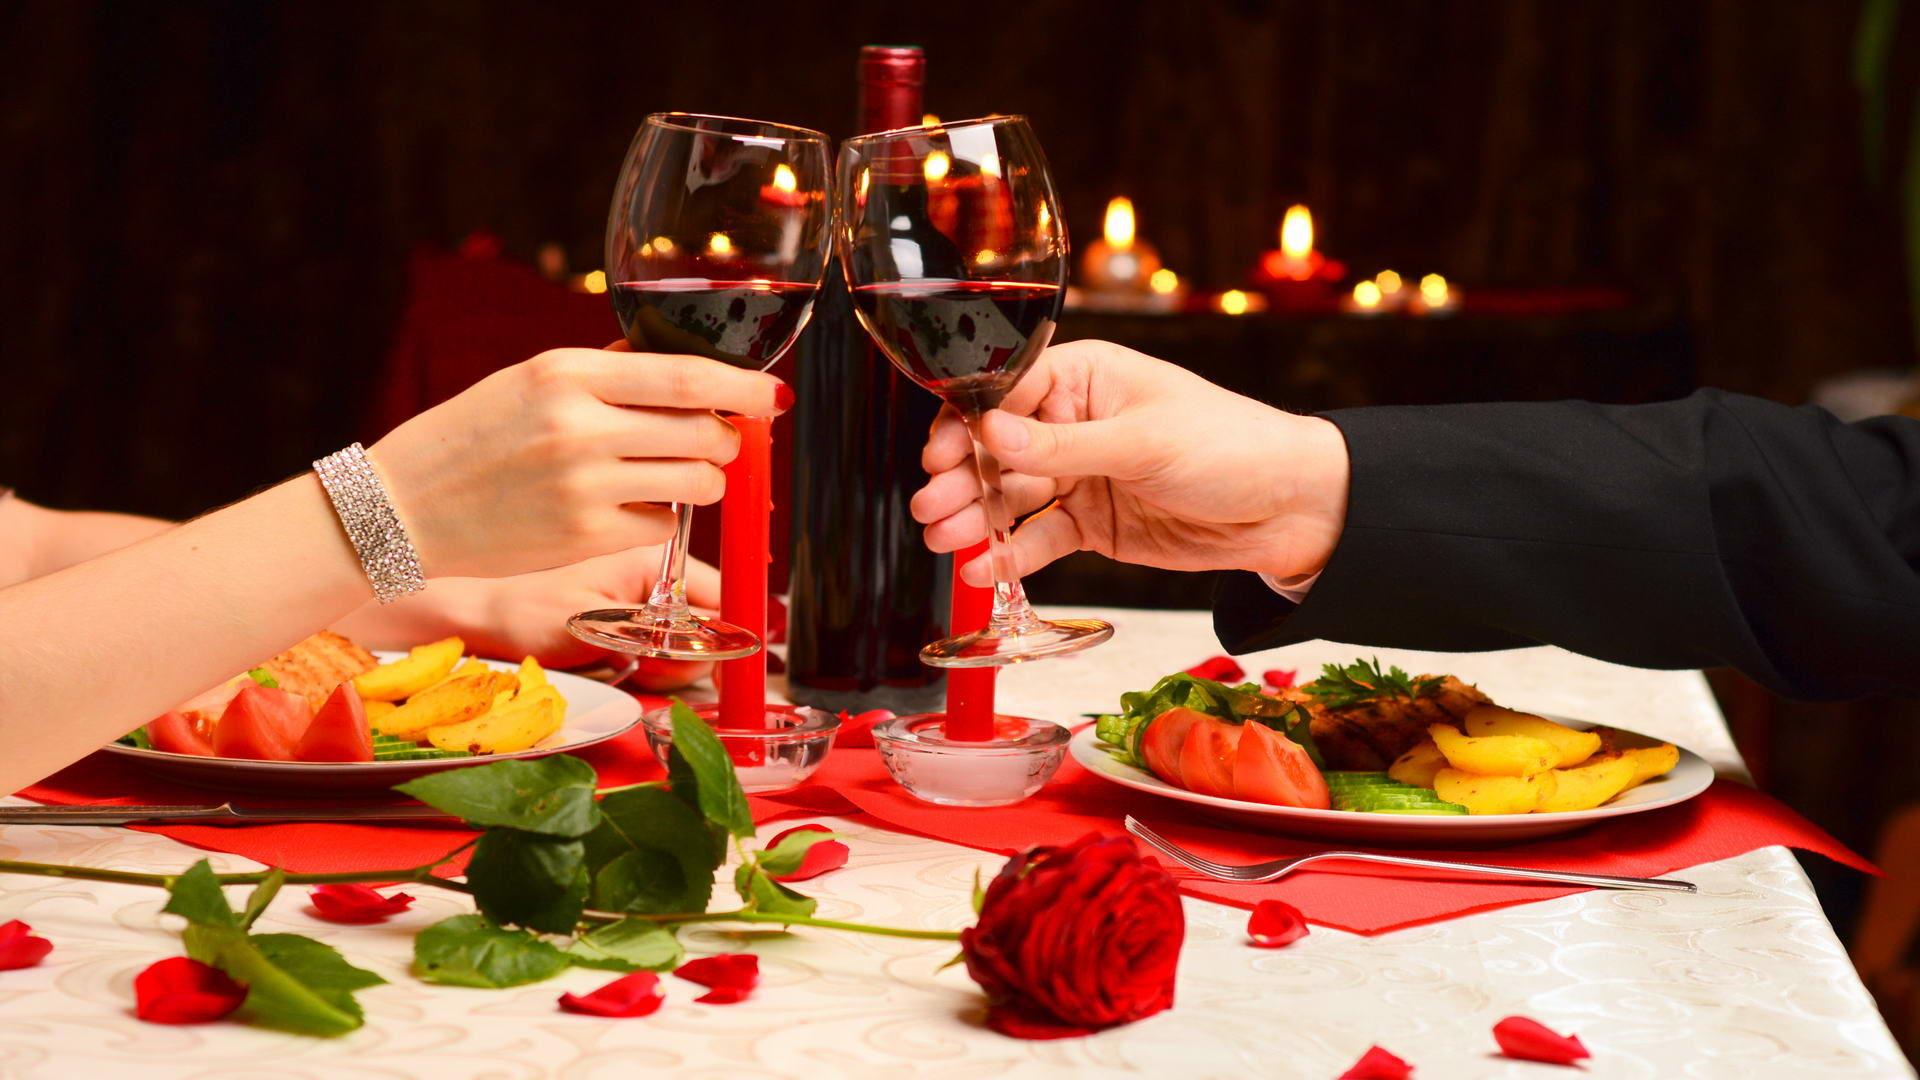 картинки с свечами сердечками ужин для двоих температуре